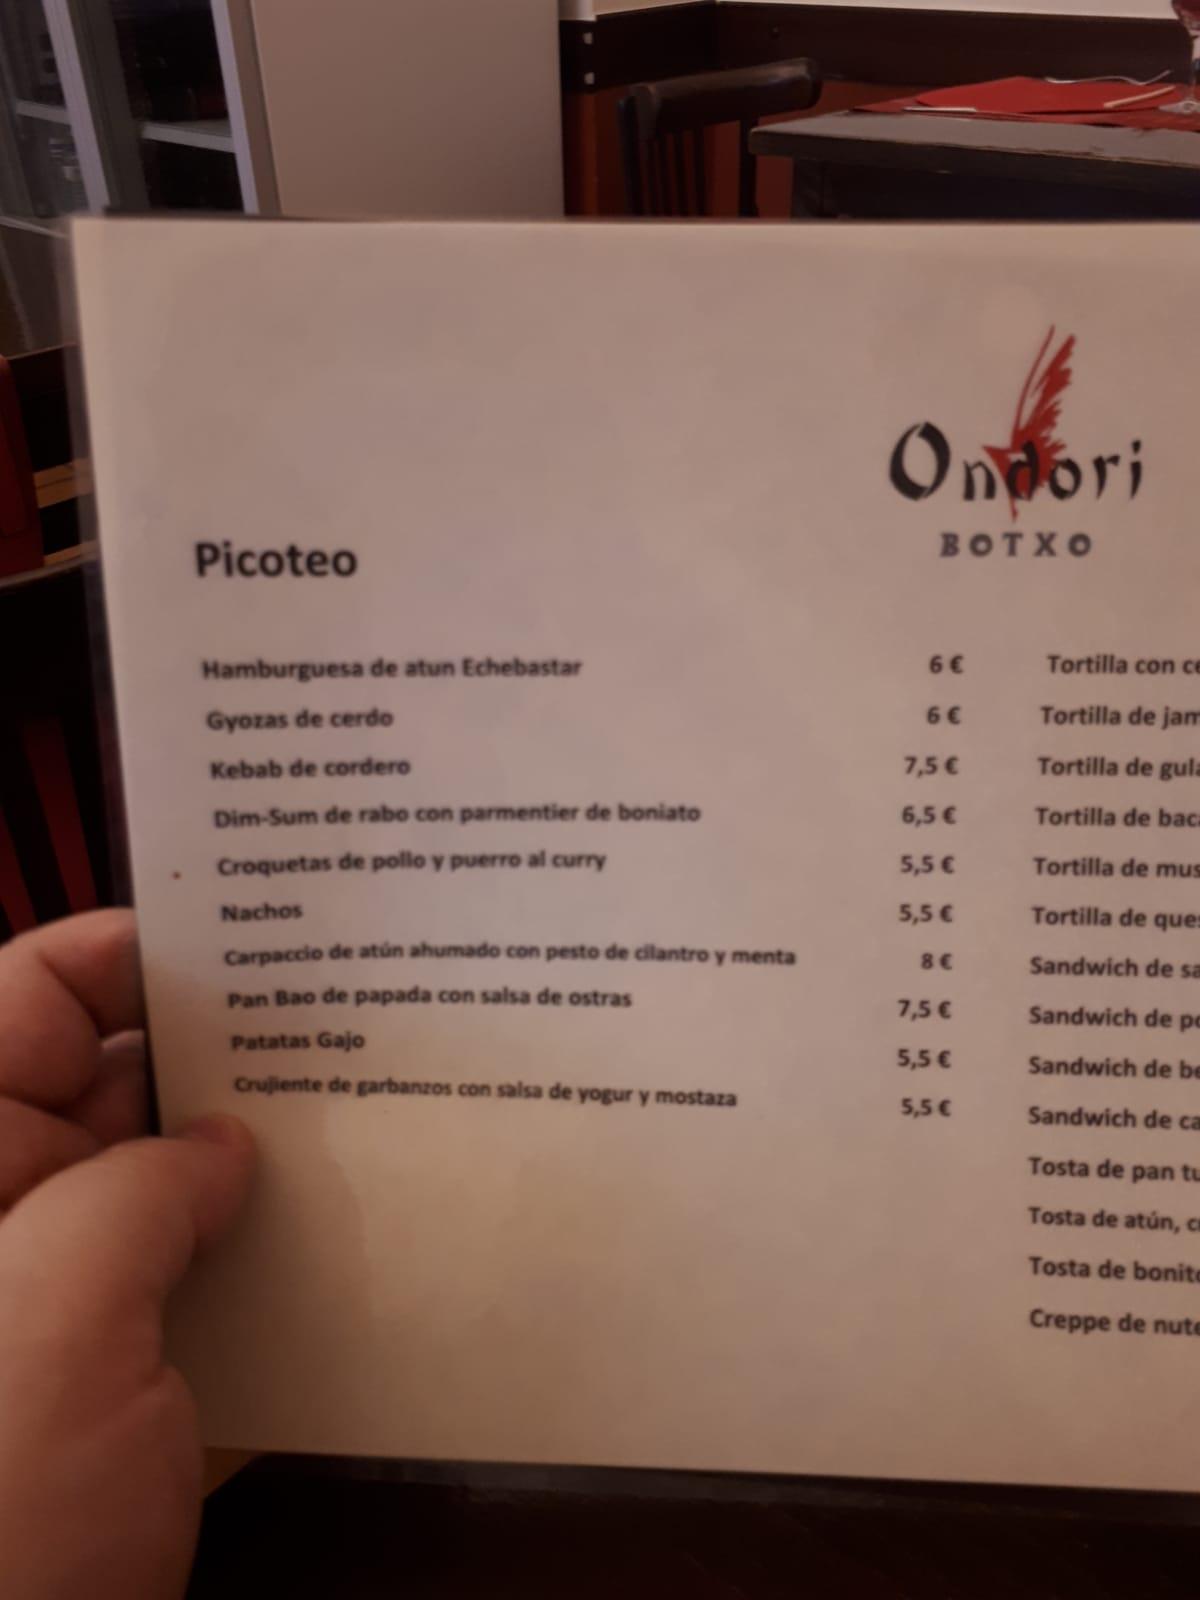 Restaurante Ondori Botxo